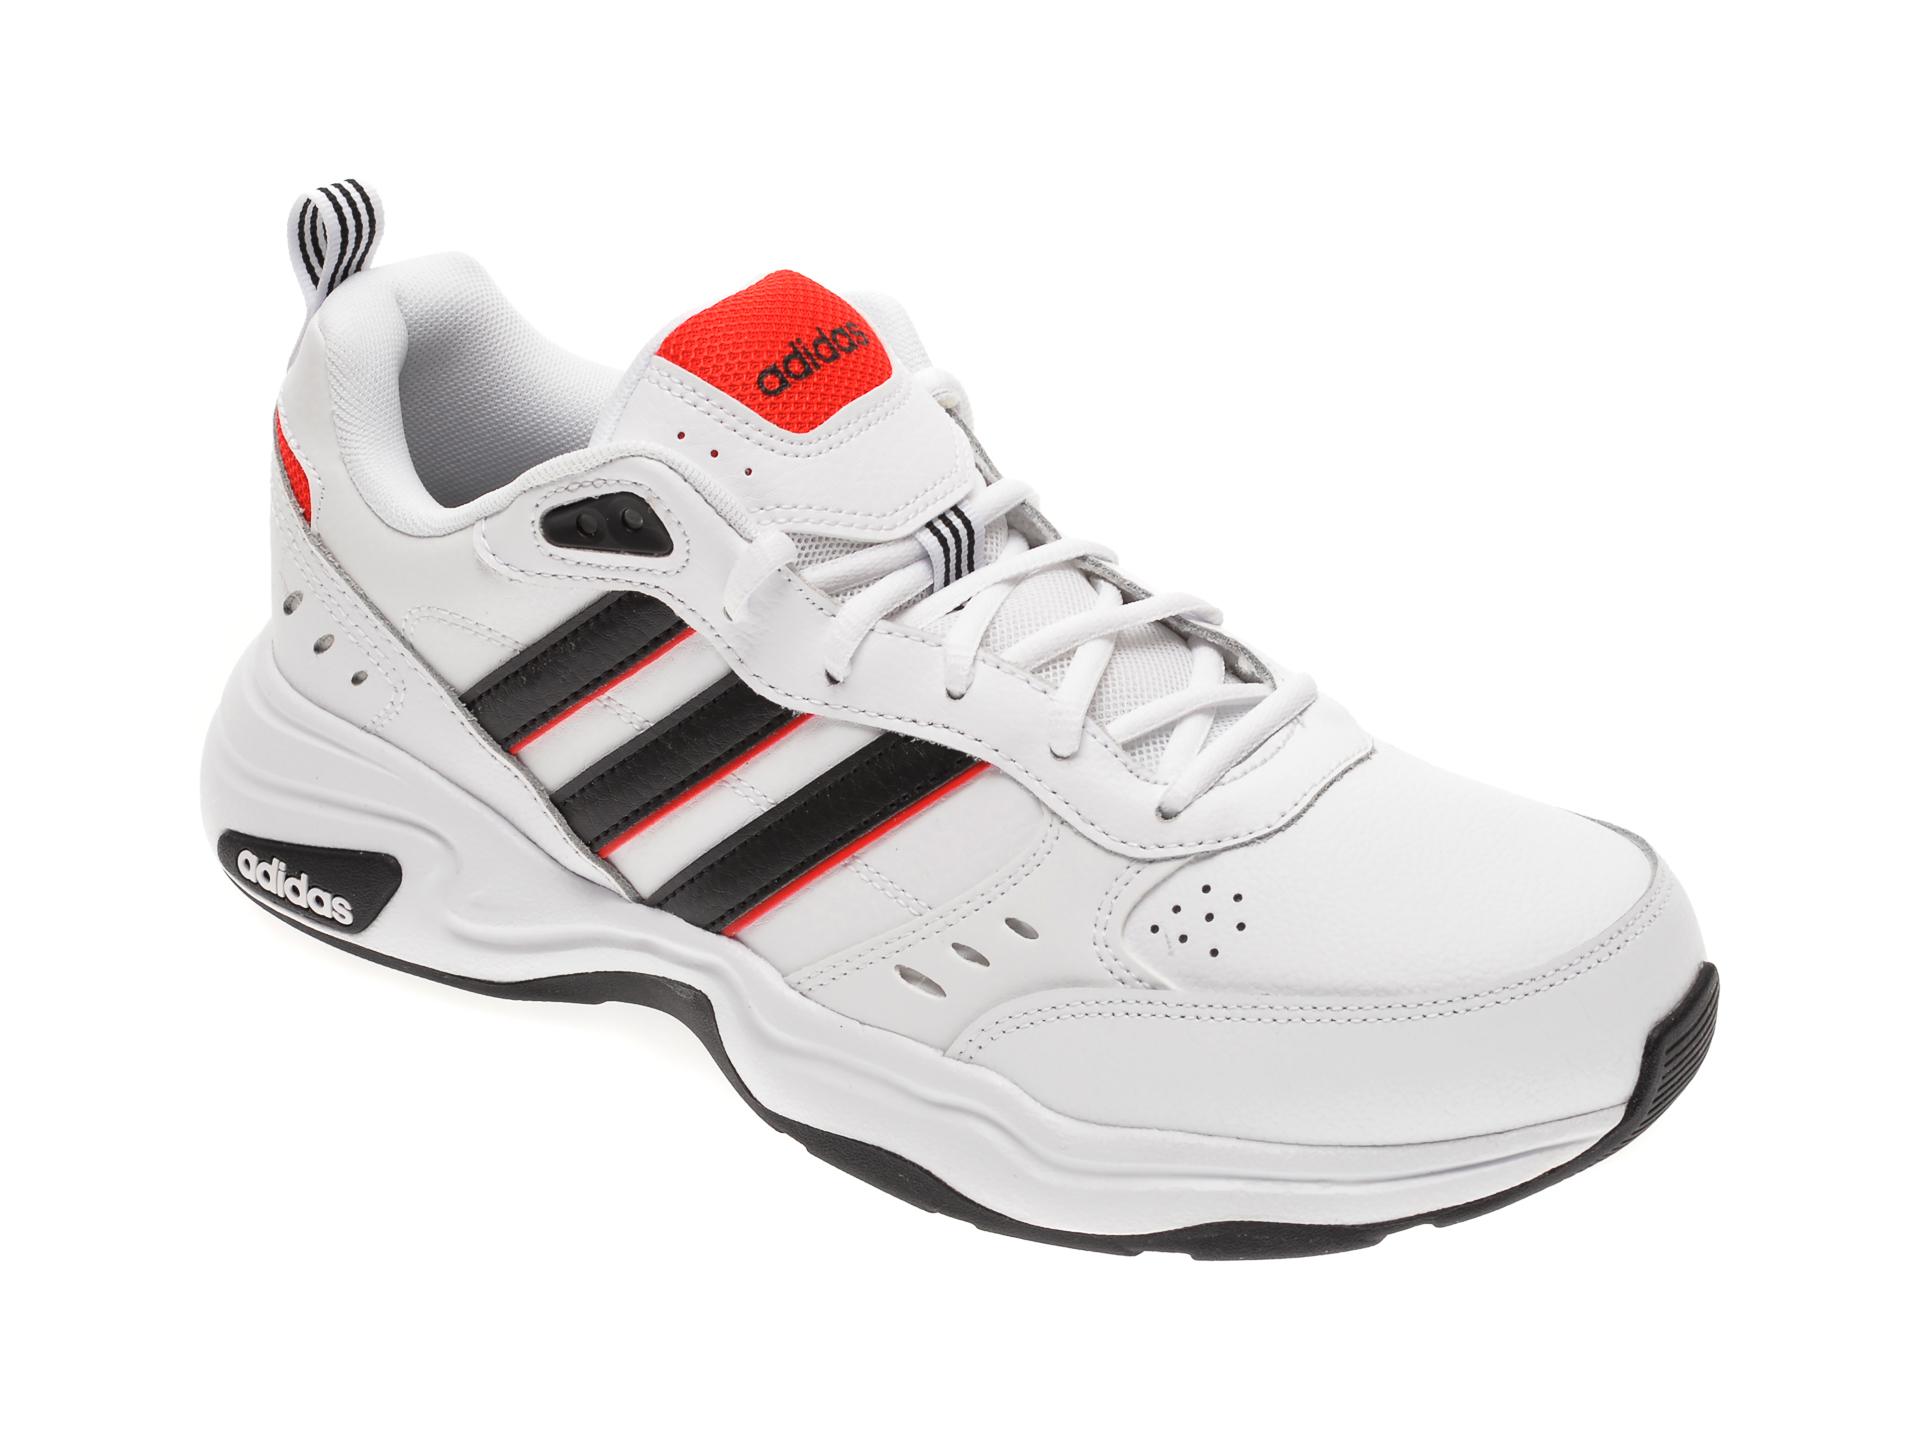 Pantofi sport ADIDAS albi, STRUTTER, din piele naturala imagine